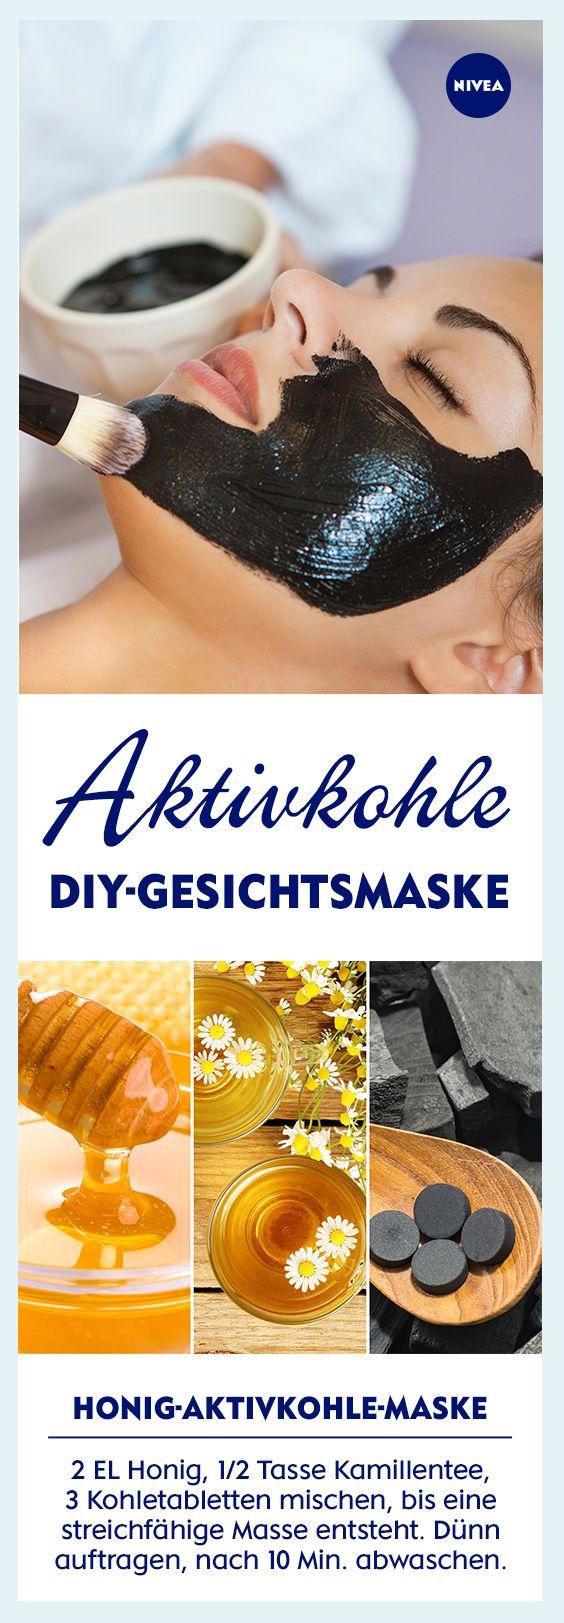 Aktivkohle Gesichtsmaske Selber Machen